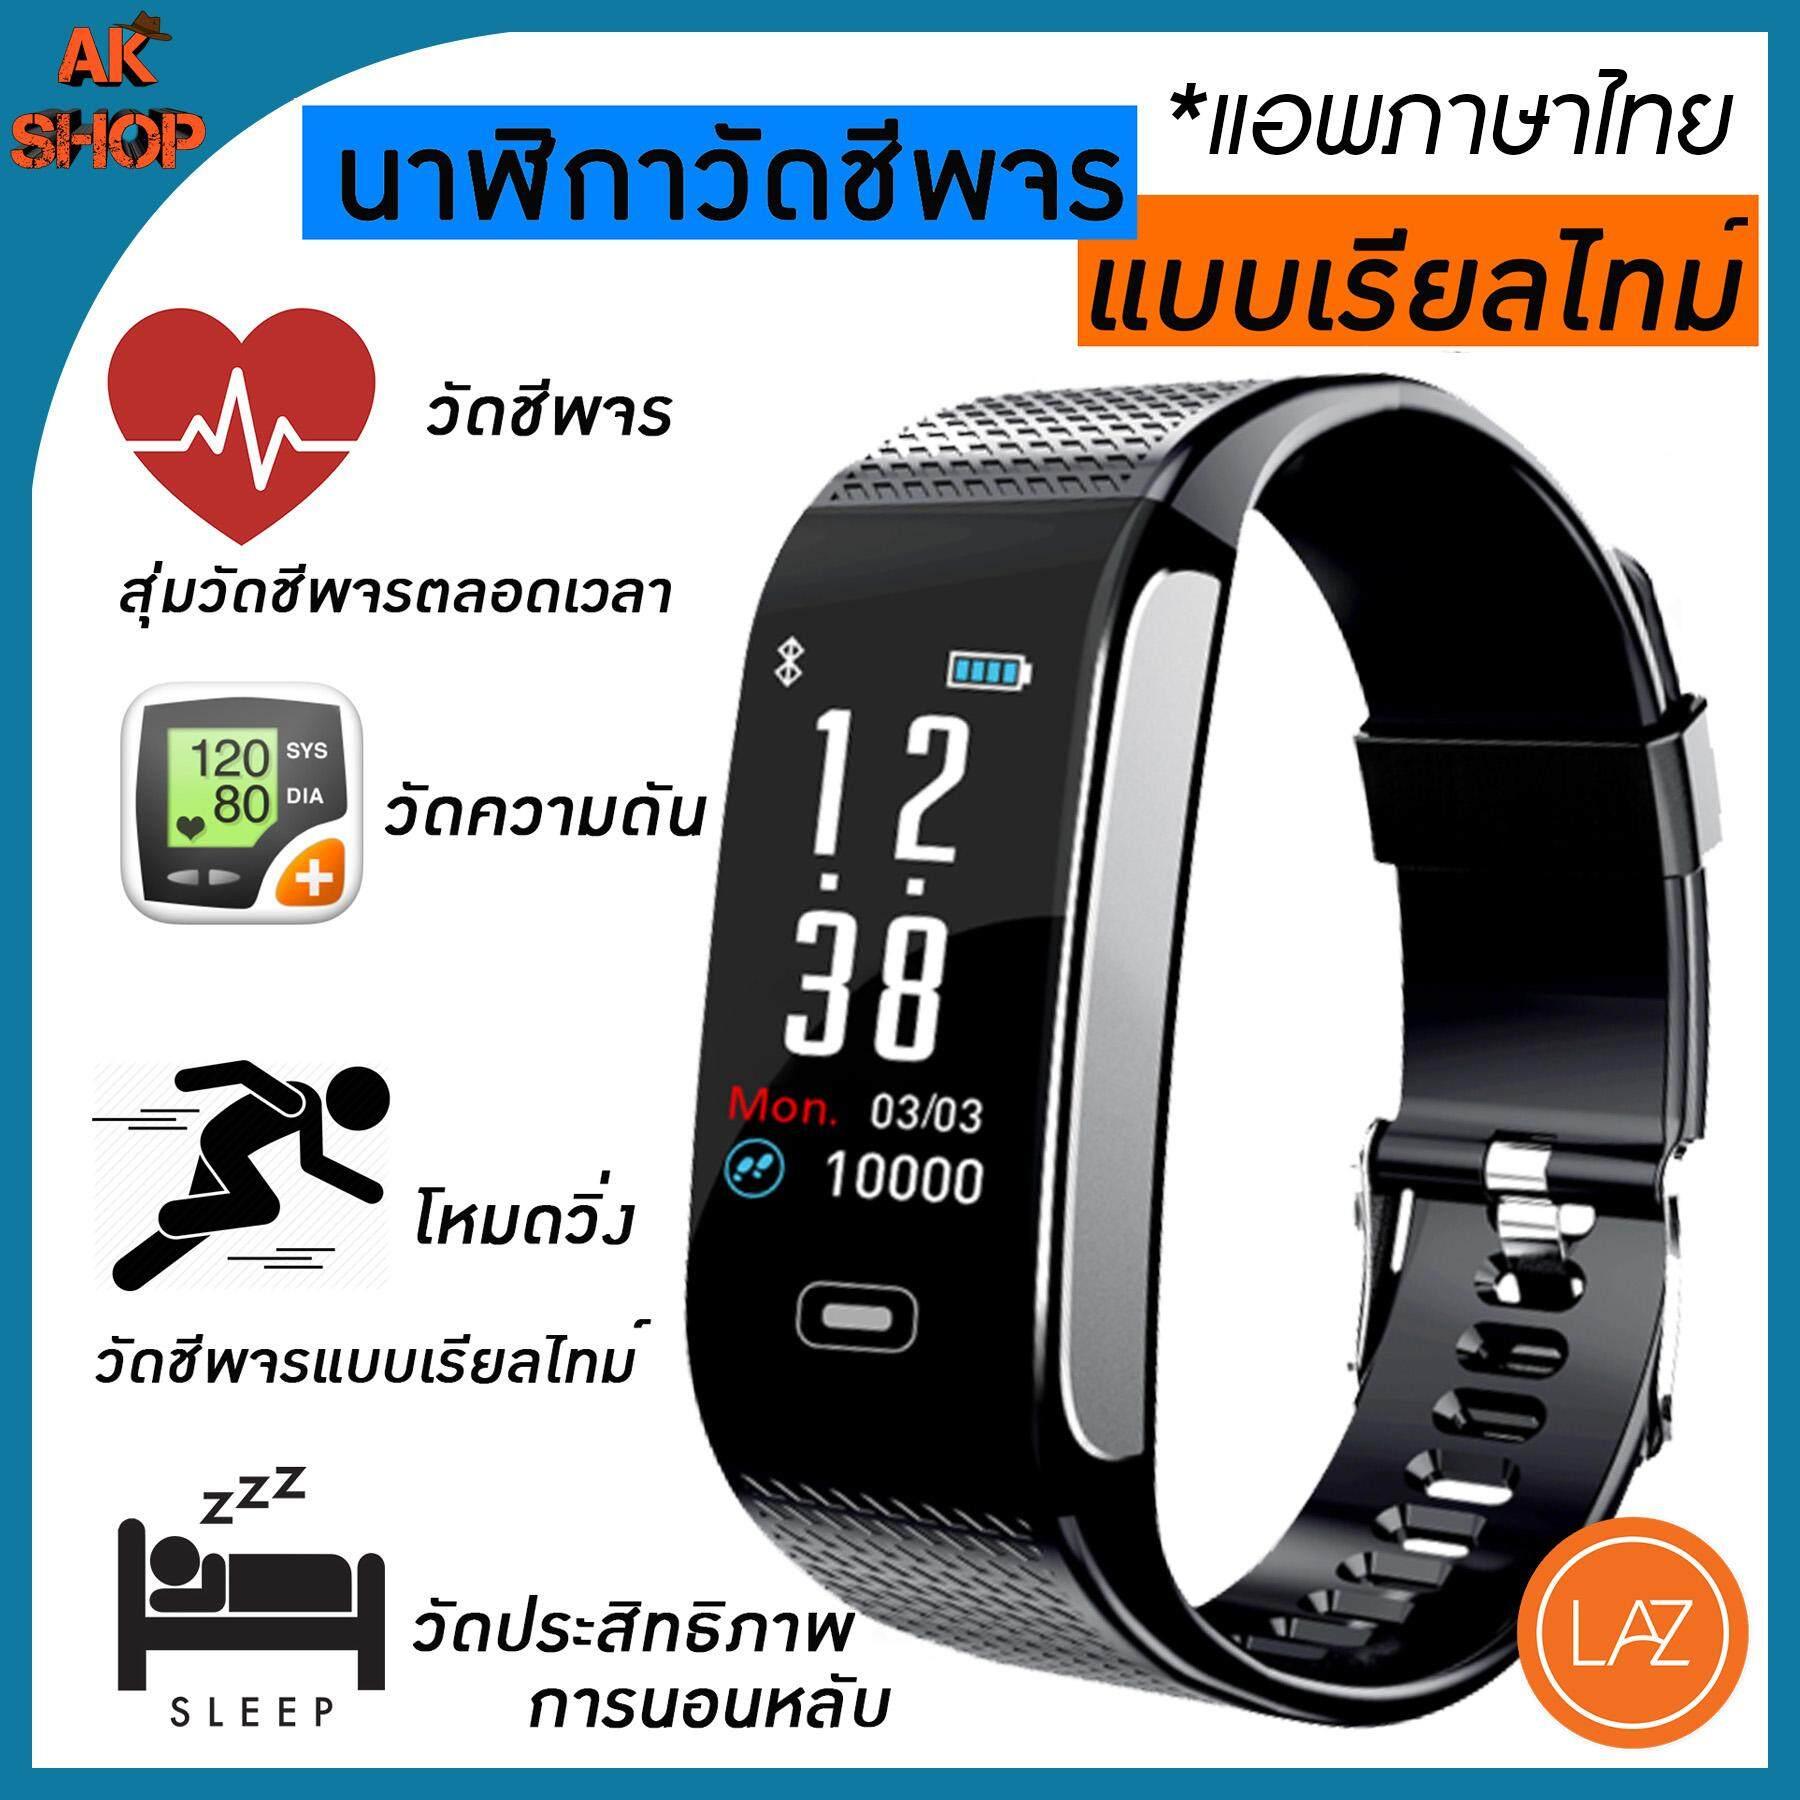 นาฬิกาวัดชีพจร วัดชีพจรแบบเรียลไทม์ นาฬิกาเพื่อสุขภาพ นาฬิกาออกกำลังกาย เป็นทั้ง นาฬิกาแฟชั่น และ นาฬิกาเพื่อสุขภาพ By Akshopd.